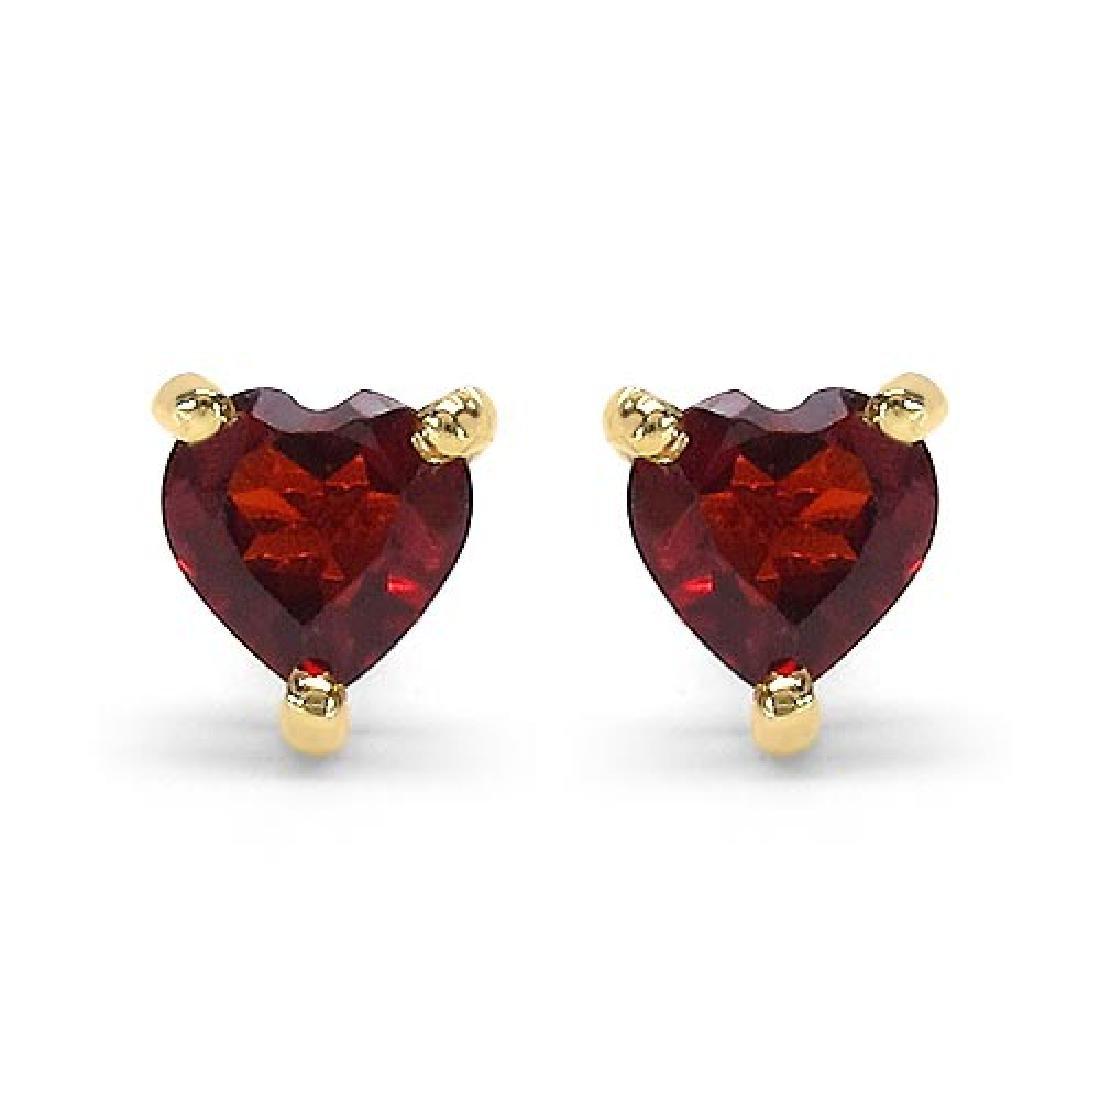 0.70 CTW Genuine Garnet 10K Yellow Gold Earrings